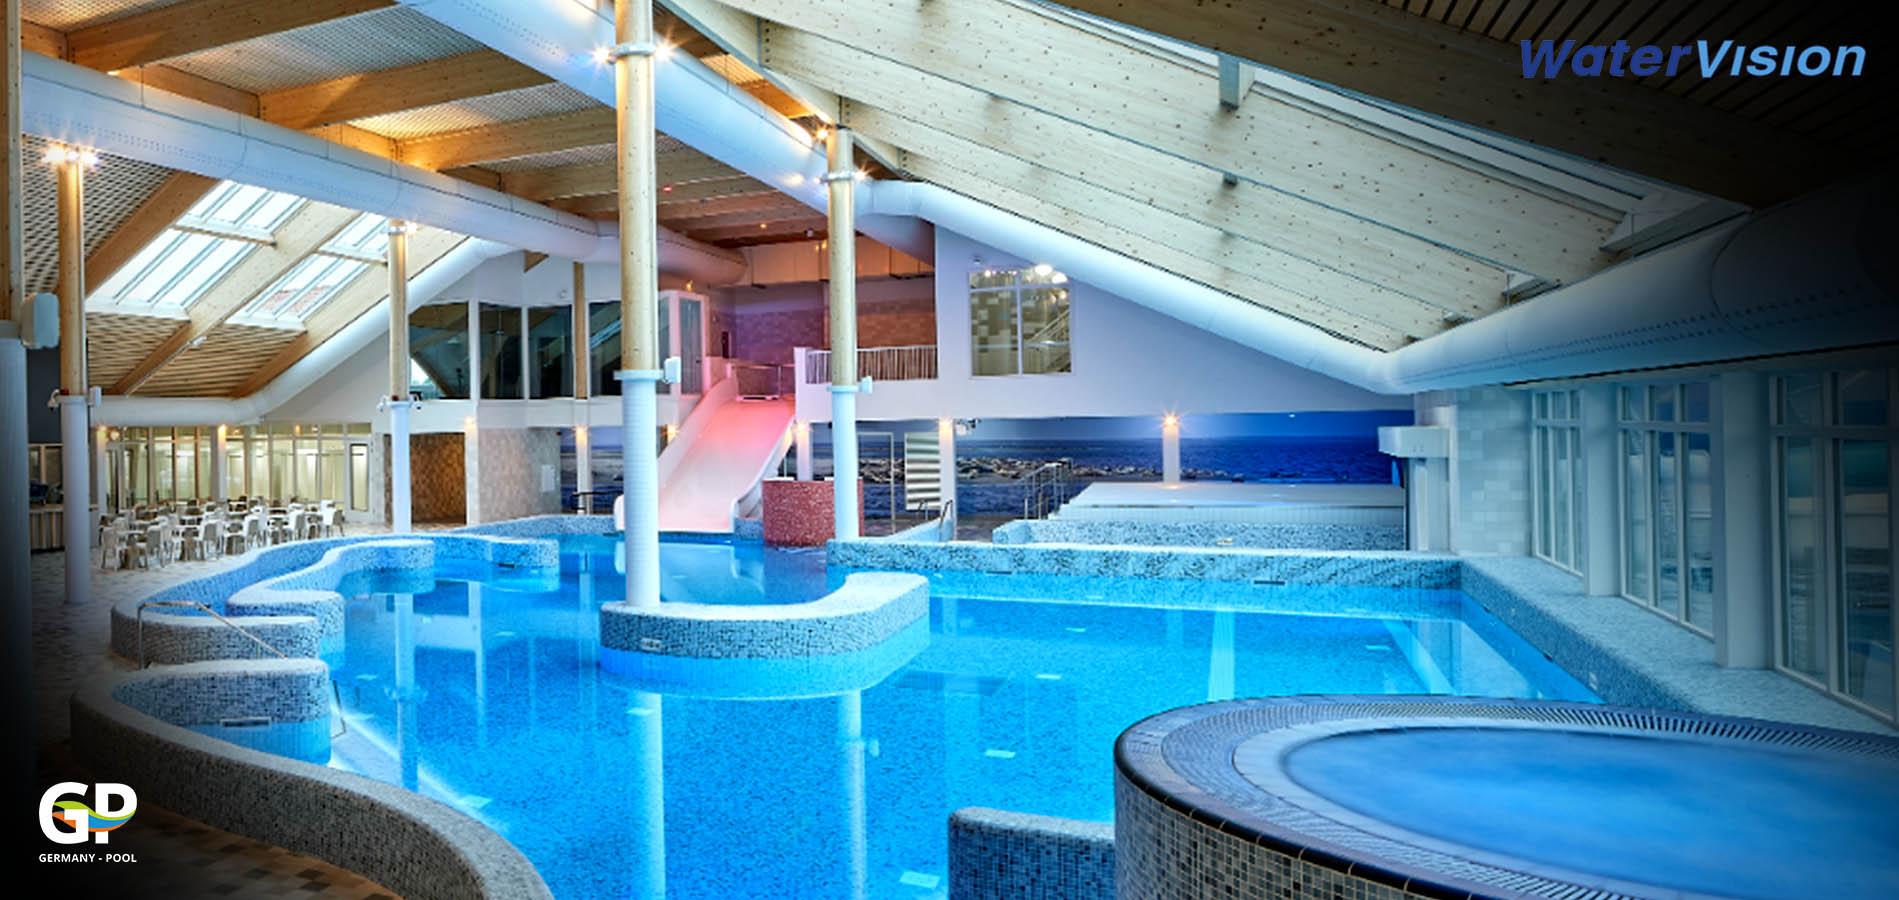 Светодиодное освещение для помещений с бассейнами 7